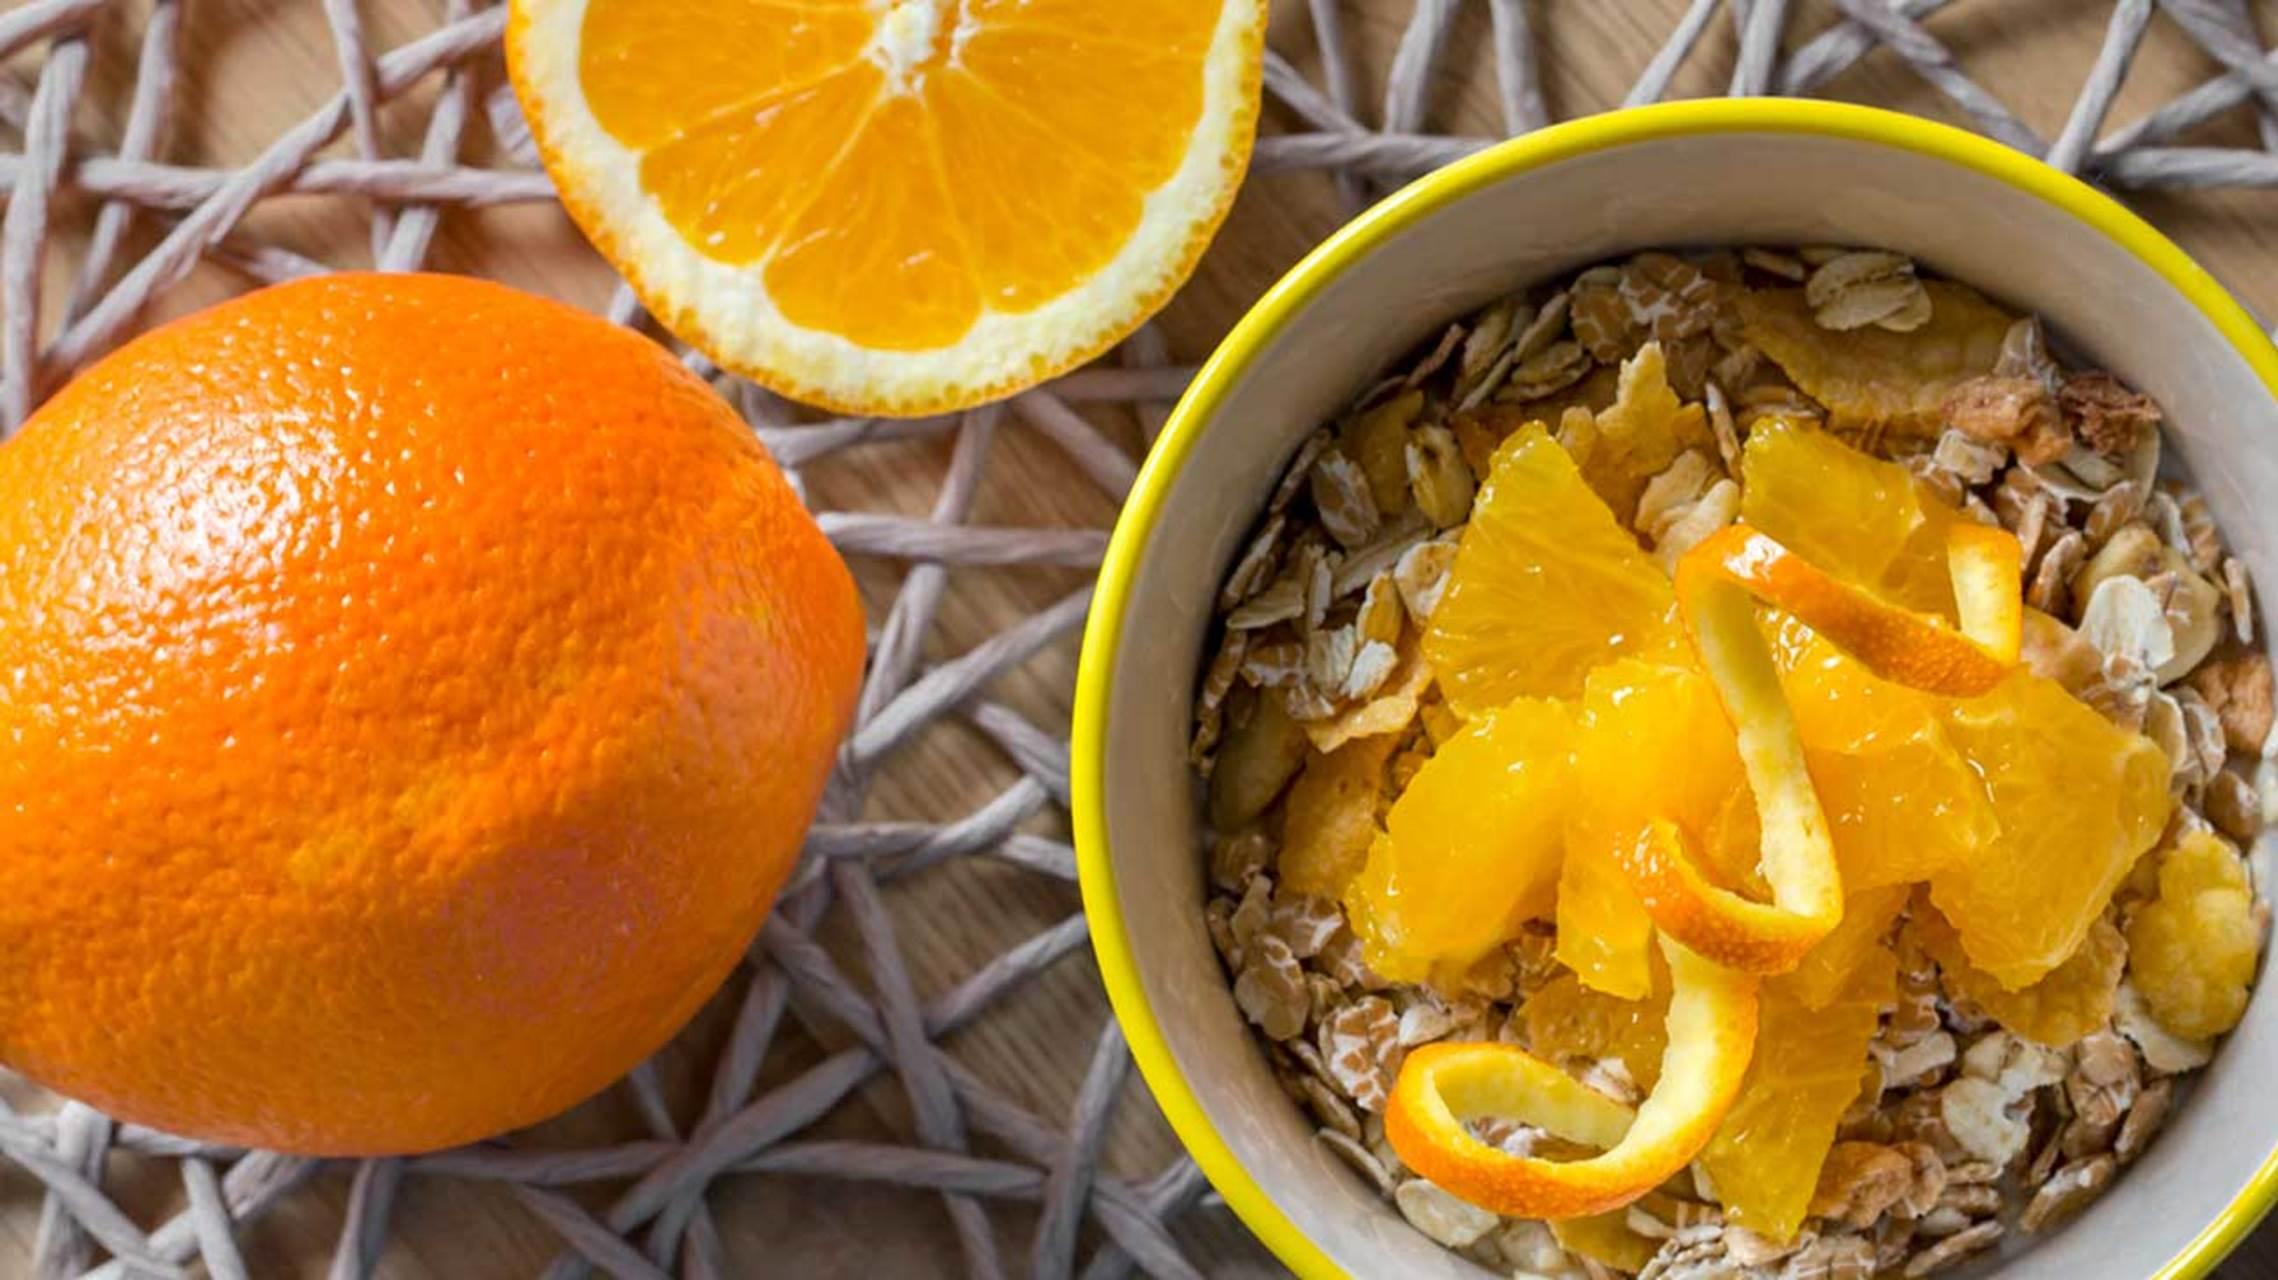 آیا پوست پرتقال قابل خوردن است ؟